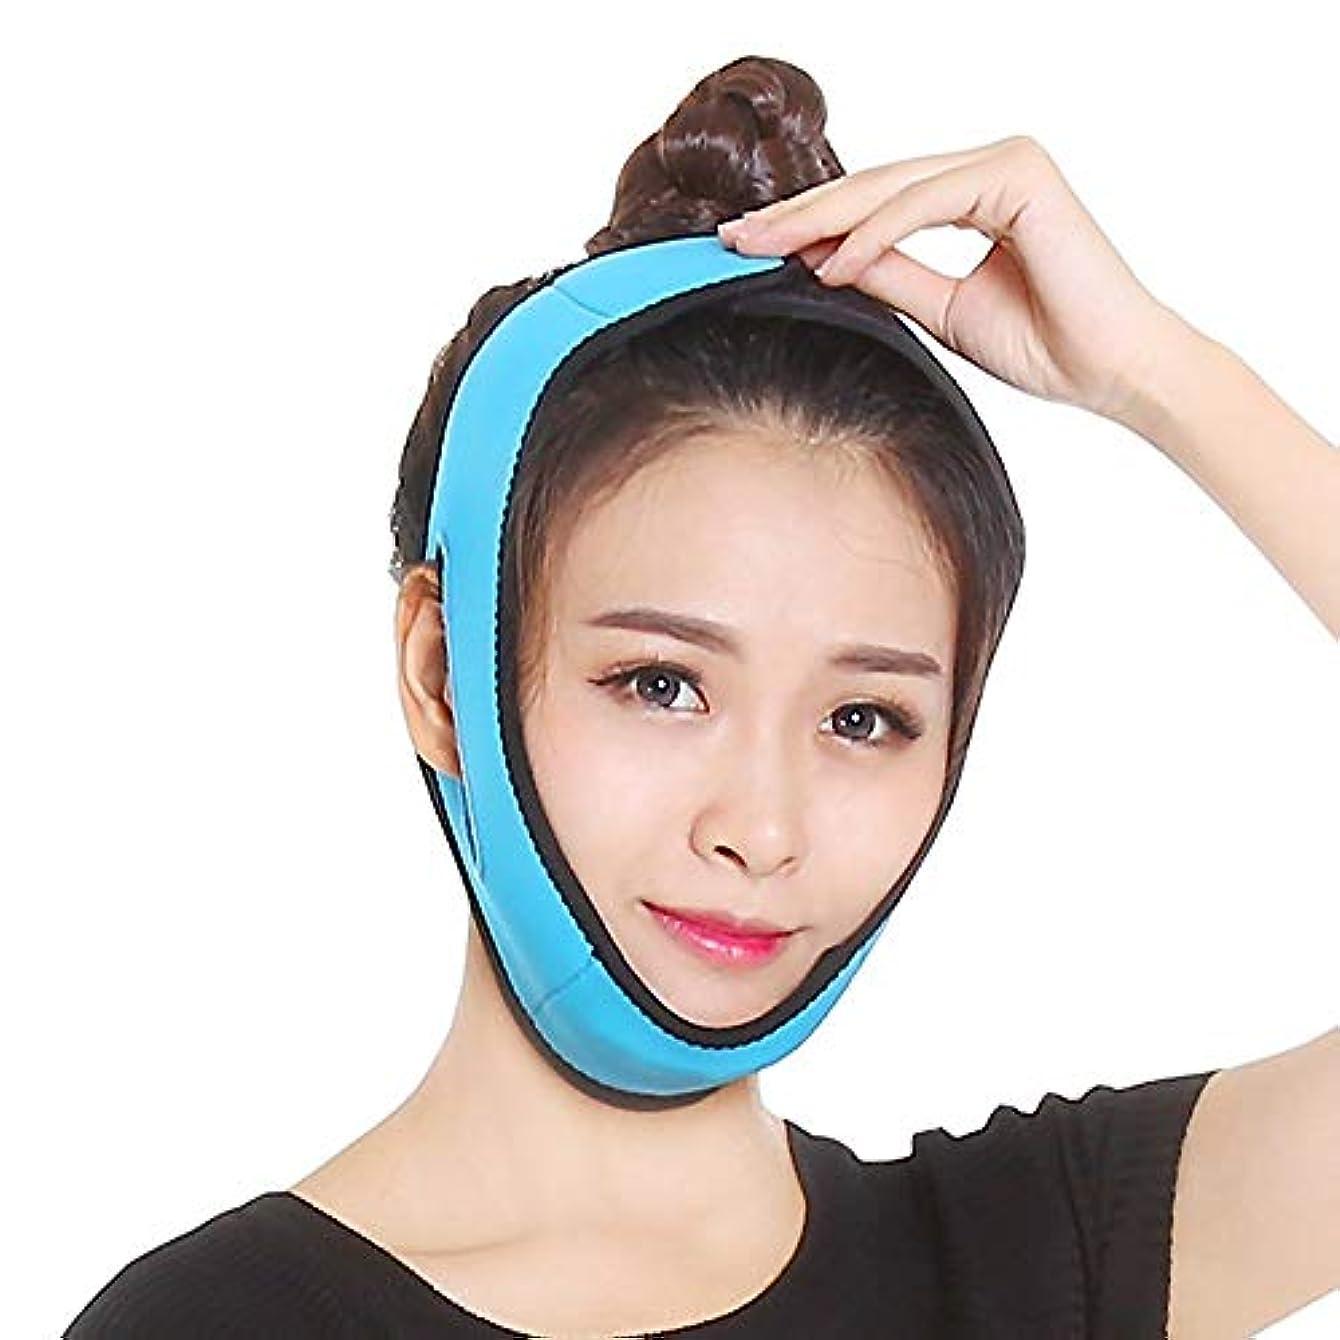 激しい腹部同級生Minmin フェイシャルリフティングスリミングベルト - 薄いフェイス包帯二重あごデバイス無料フェイシャルマッサージ整形マスクを引き締める顔と首の顔スリム みんみんVラインフェイスマスク